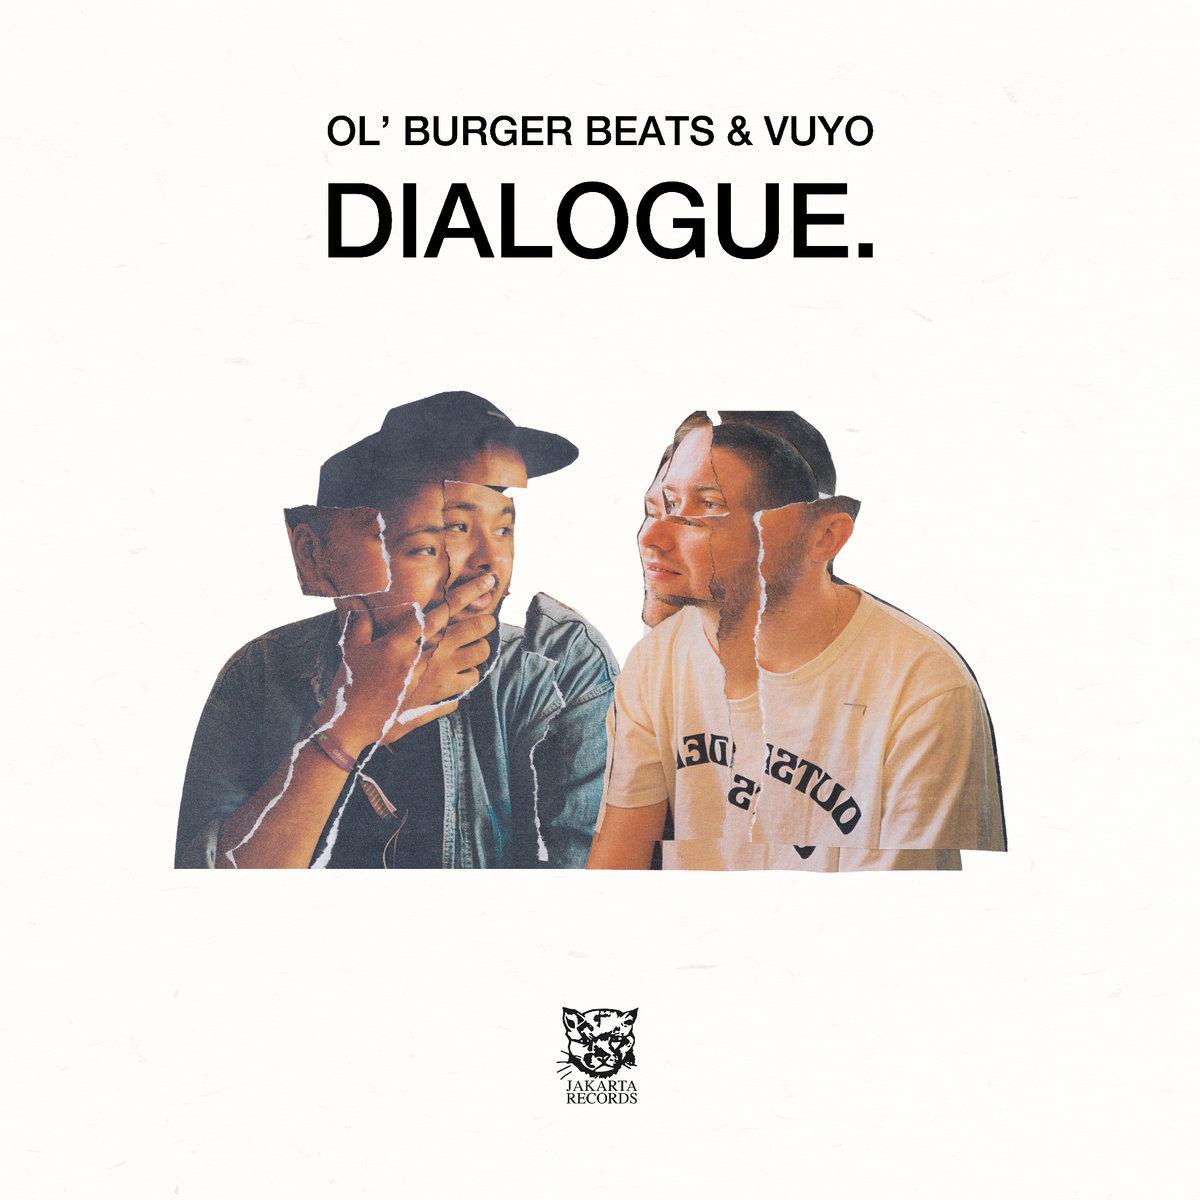 burgerbeats-vuyo-dialogue